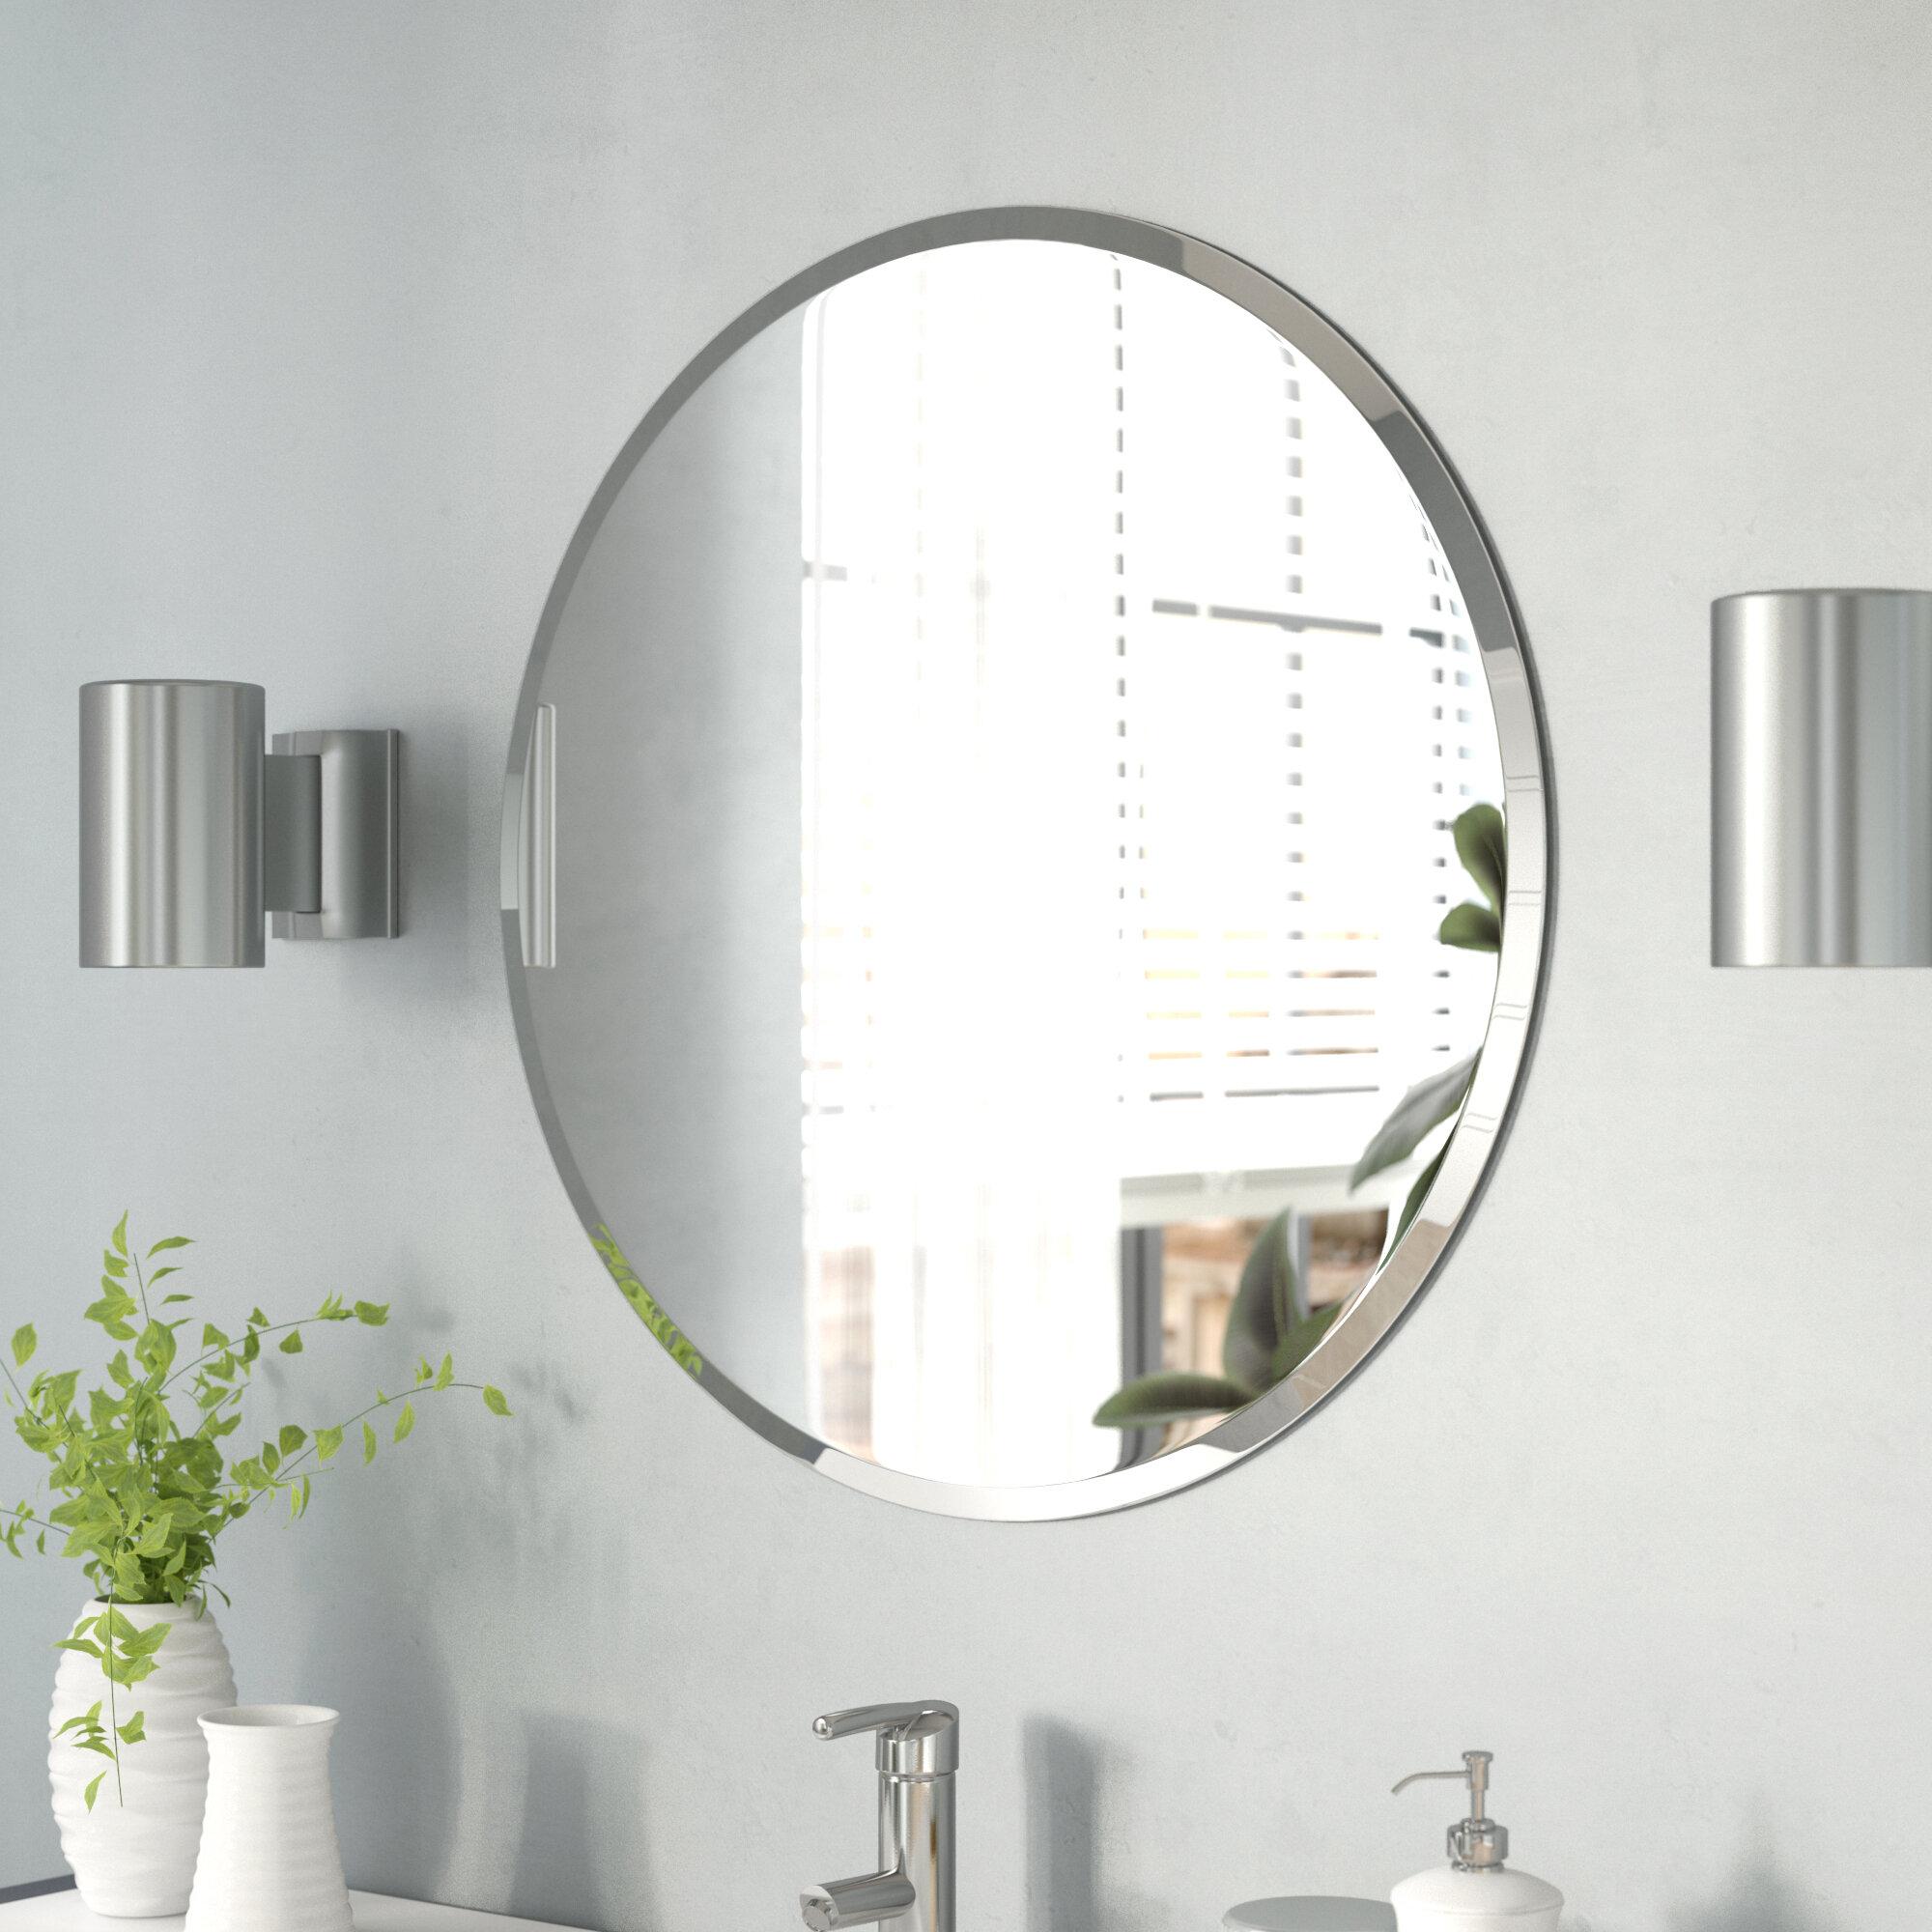 Bathroom Vanity Round Mirrors You Ll Love In 2021 Wayfair